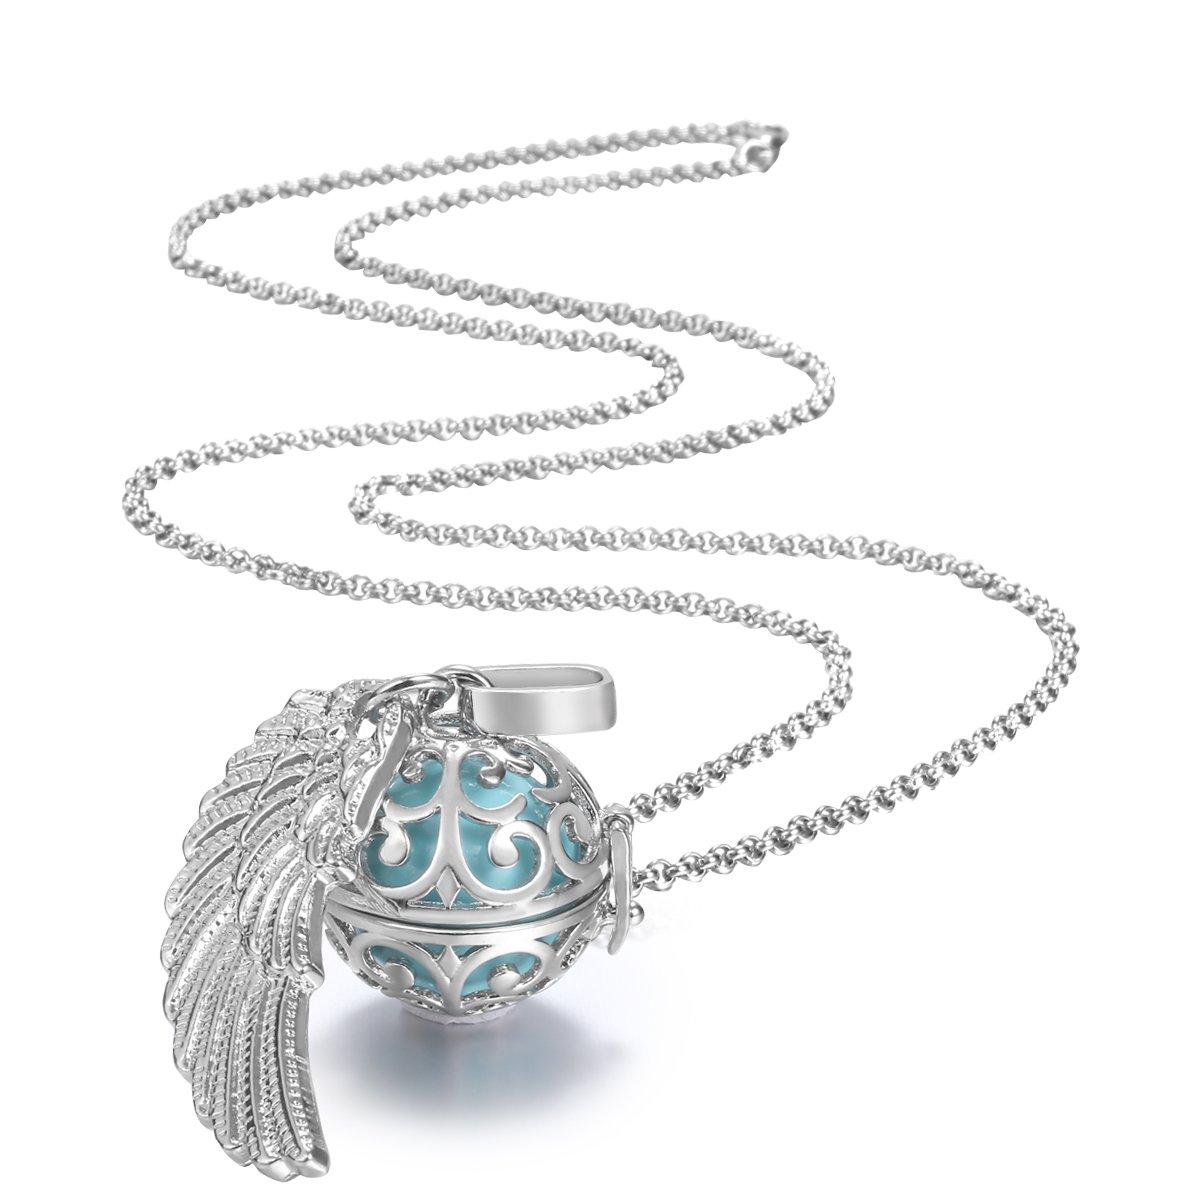 Collar y colgante llamador de ángeles para embarazo, bola mexicana y ala de plumas, 76 cm (bola color cian): Amazon.es: Joyería